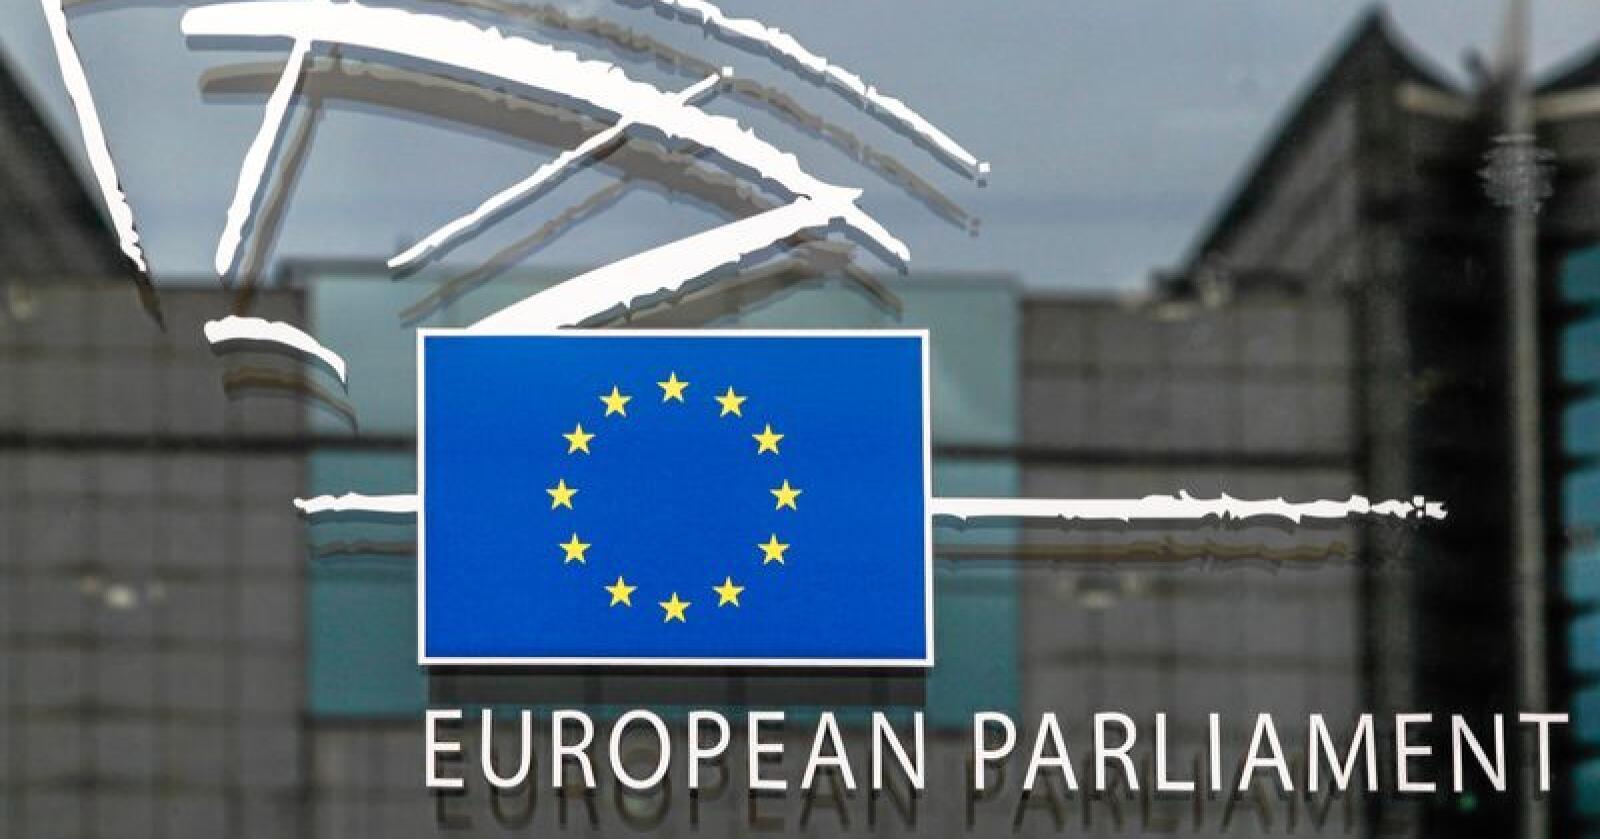 Utvidet demokratiet: Ved EU-valget i vår fikk danskene og svenskene stemme over hvem som skal representere dem i Europaparlamentet, skriver Knut André Sande. Foto: Michael Erhardsson / Mostphotos